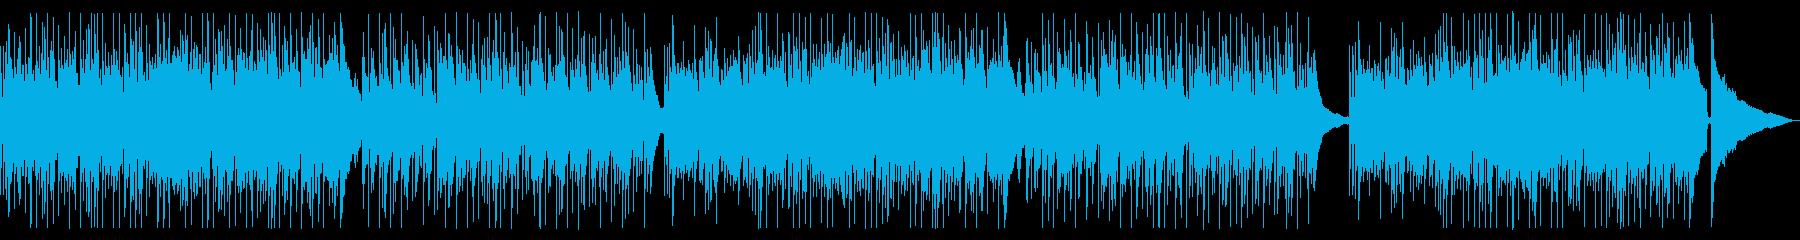 生演奏アコギ&ピアノによる渋い一曲の再生済みの波形